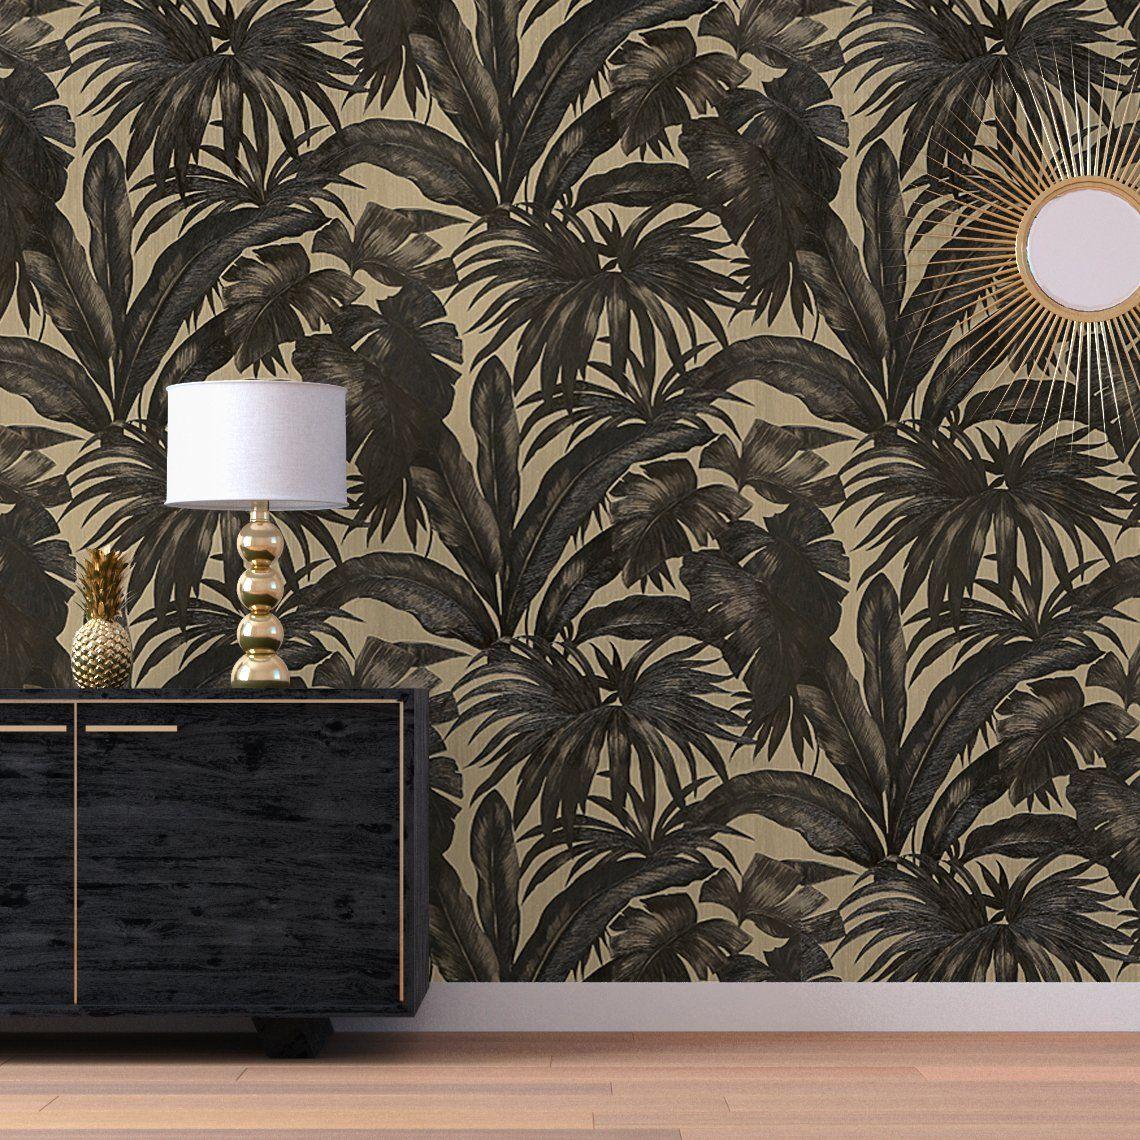 Peindre Papier Peint Motif papier peint darcy vinyle sur intissé motif tropical, noir